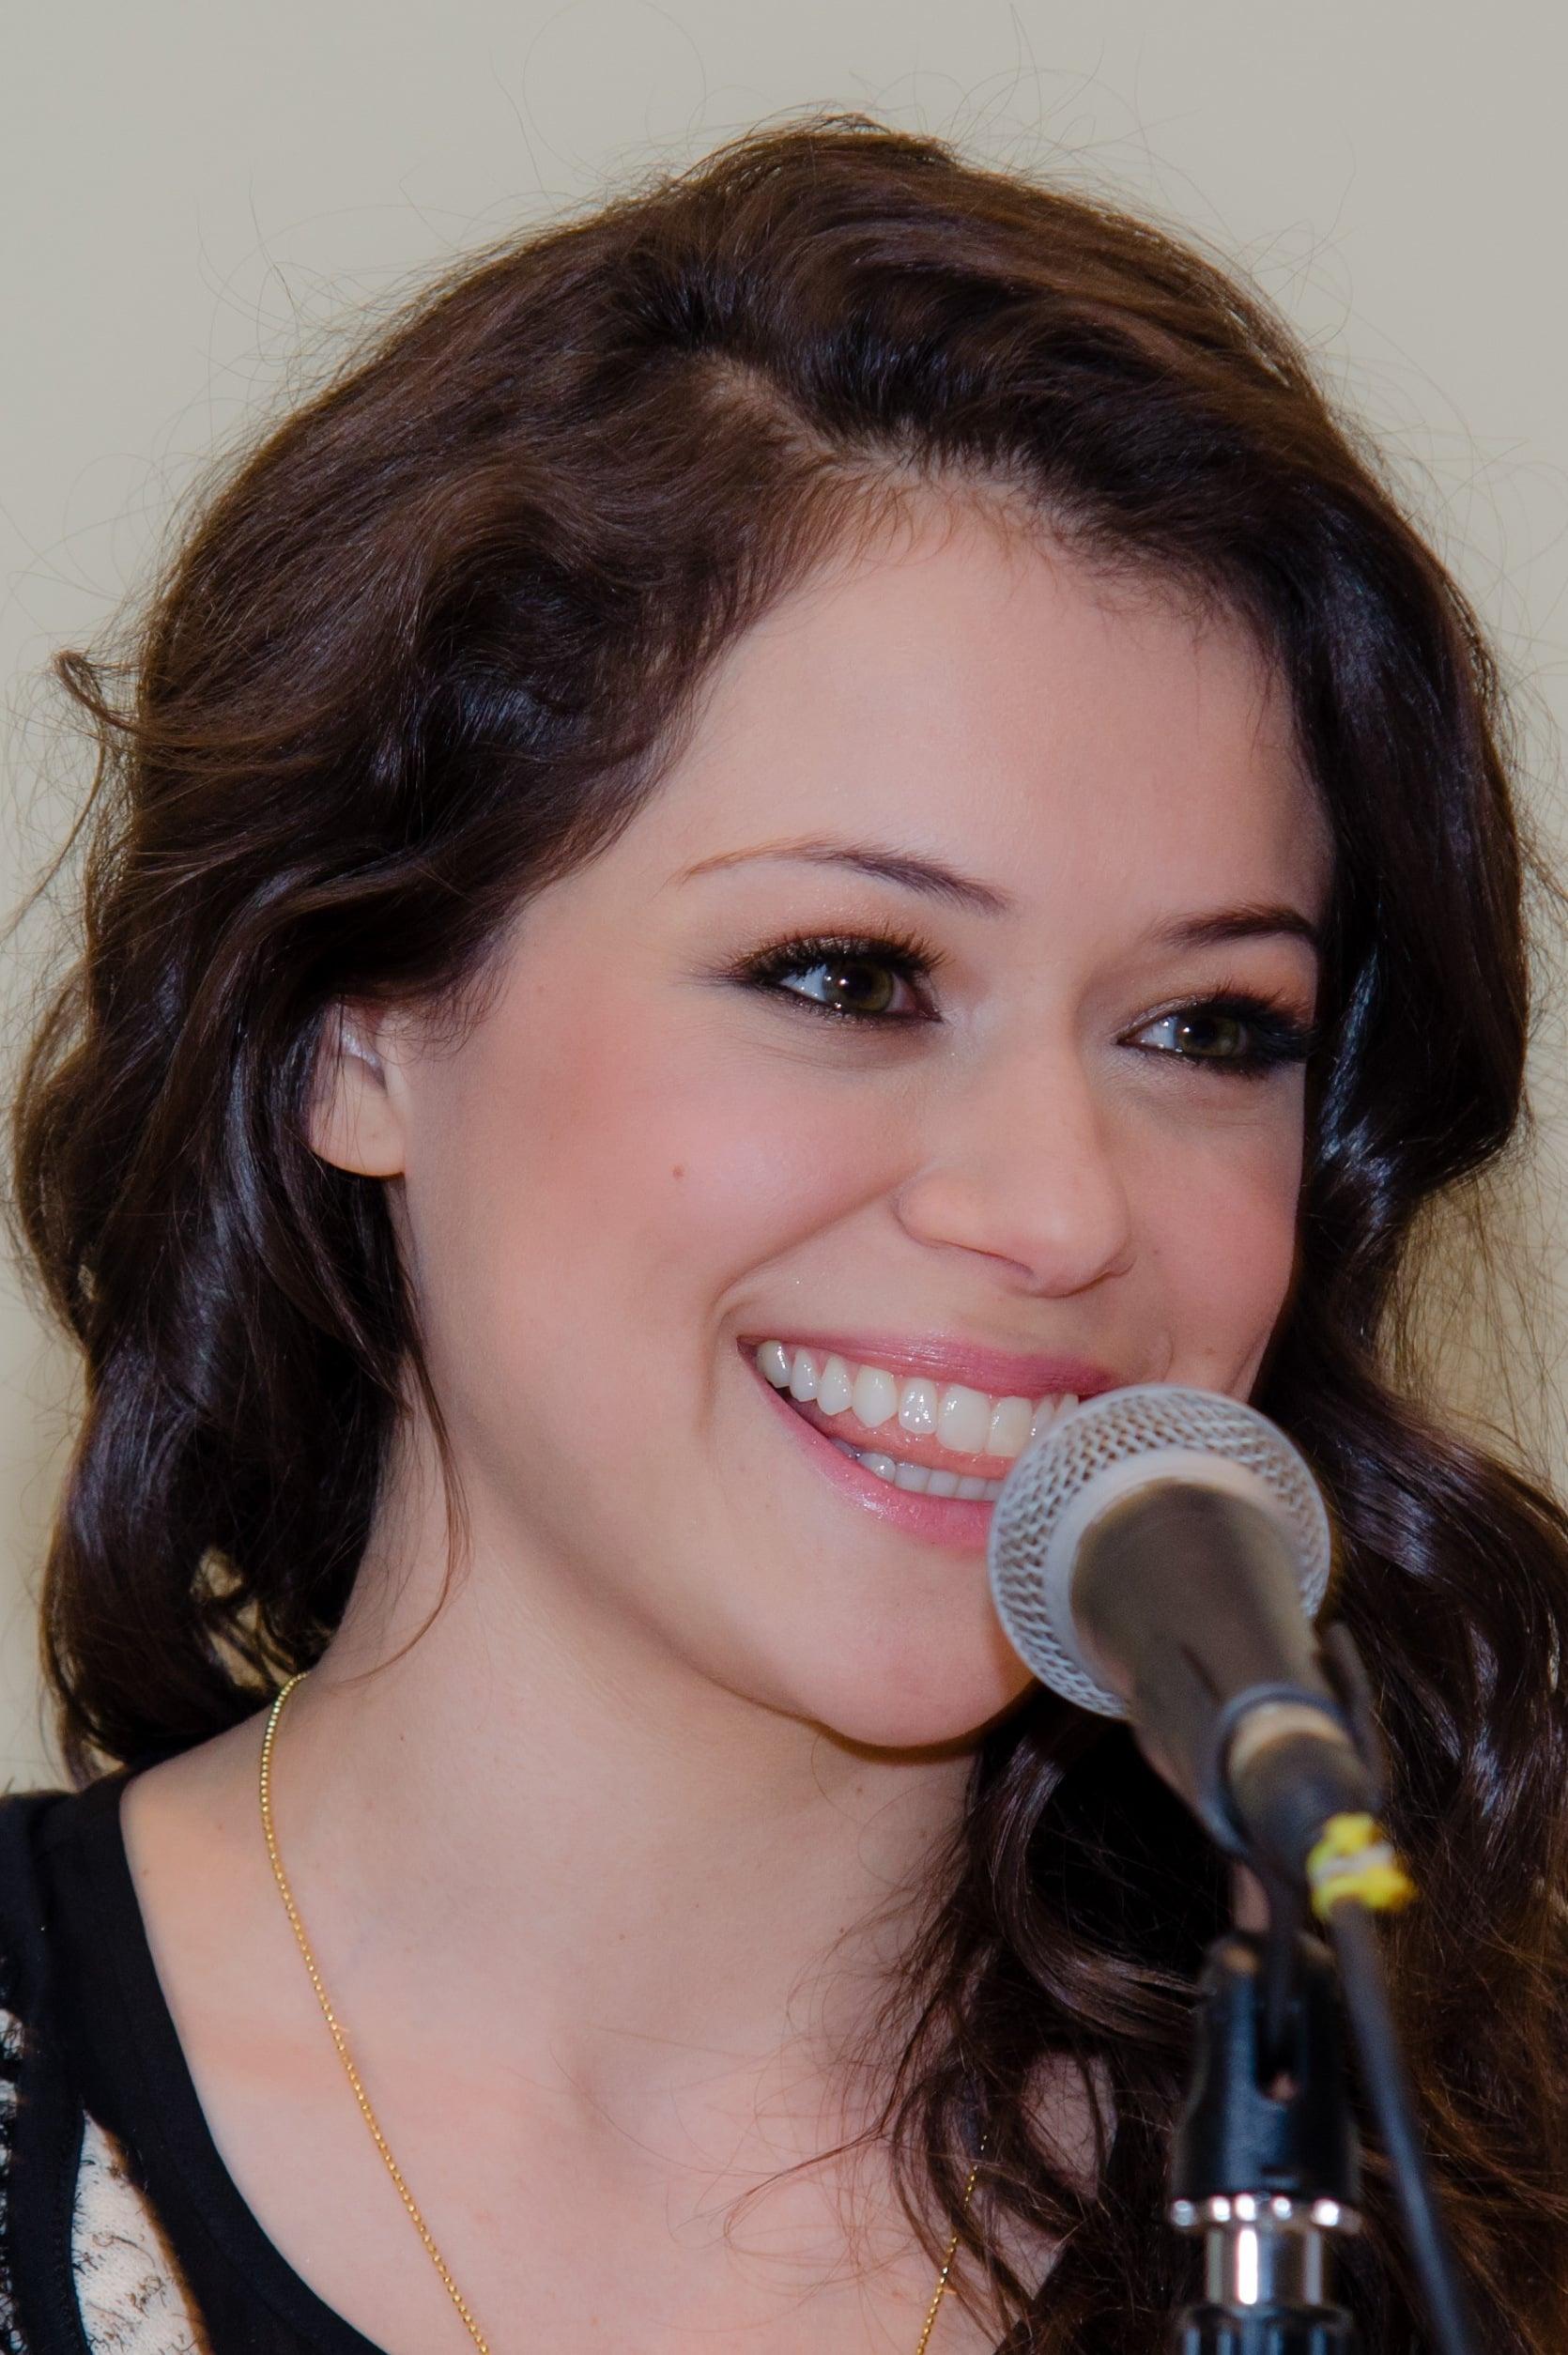 Holly Palance